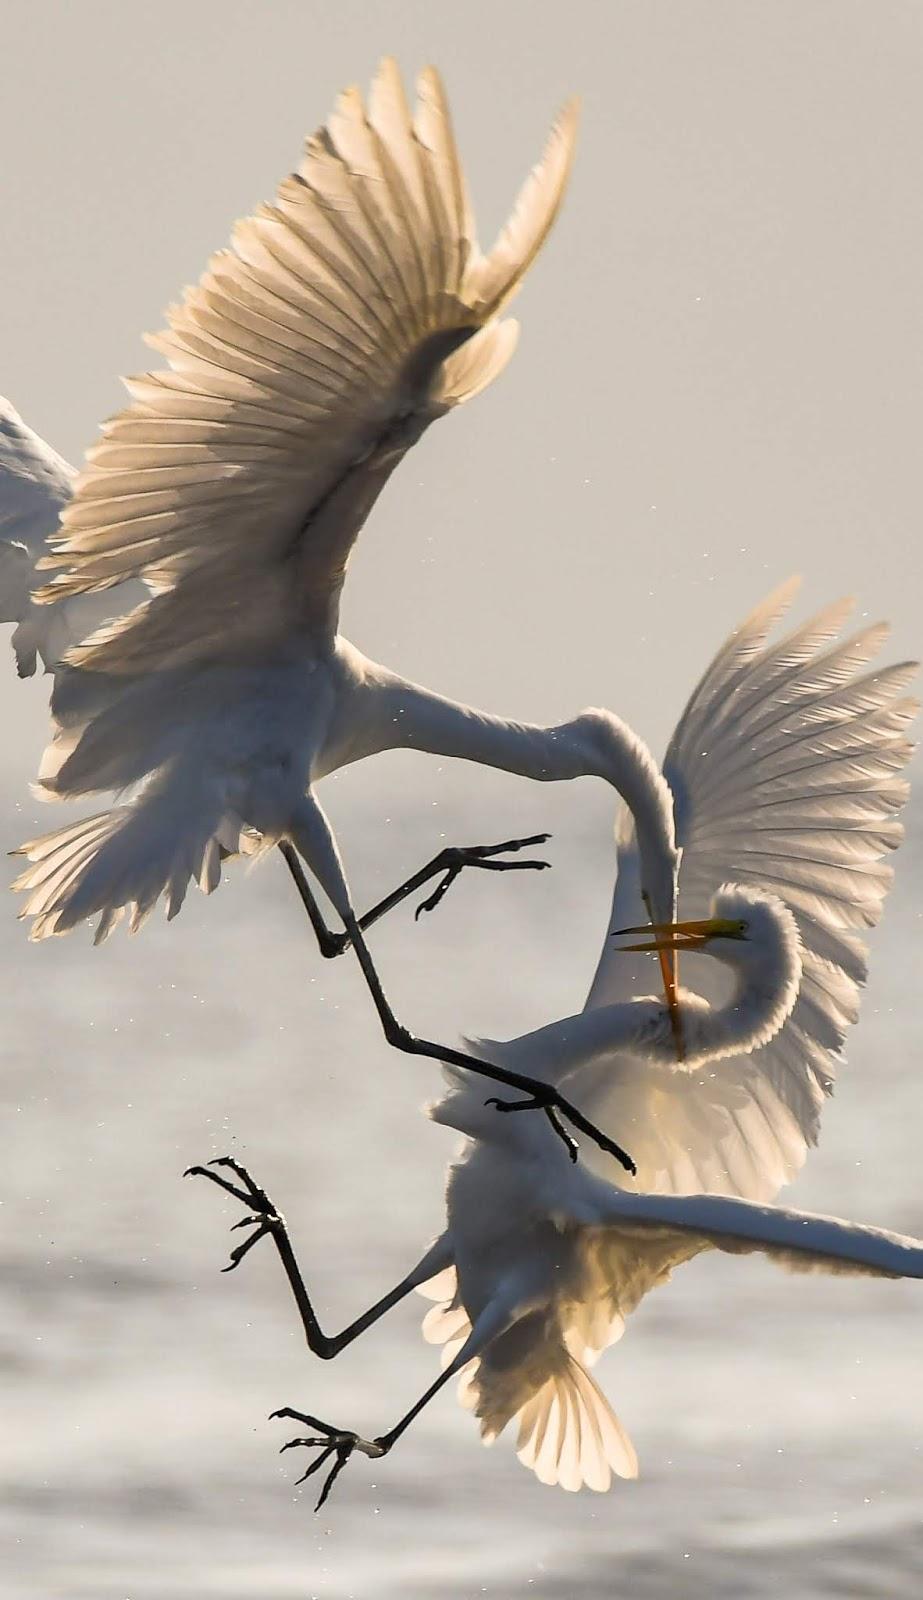 Two egret's epic battle.